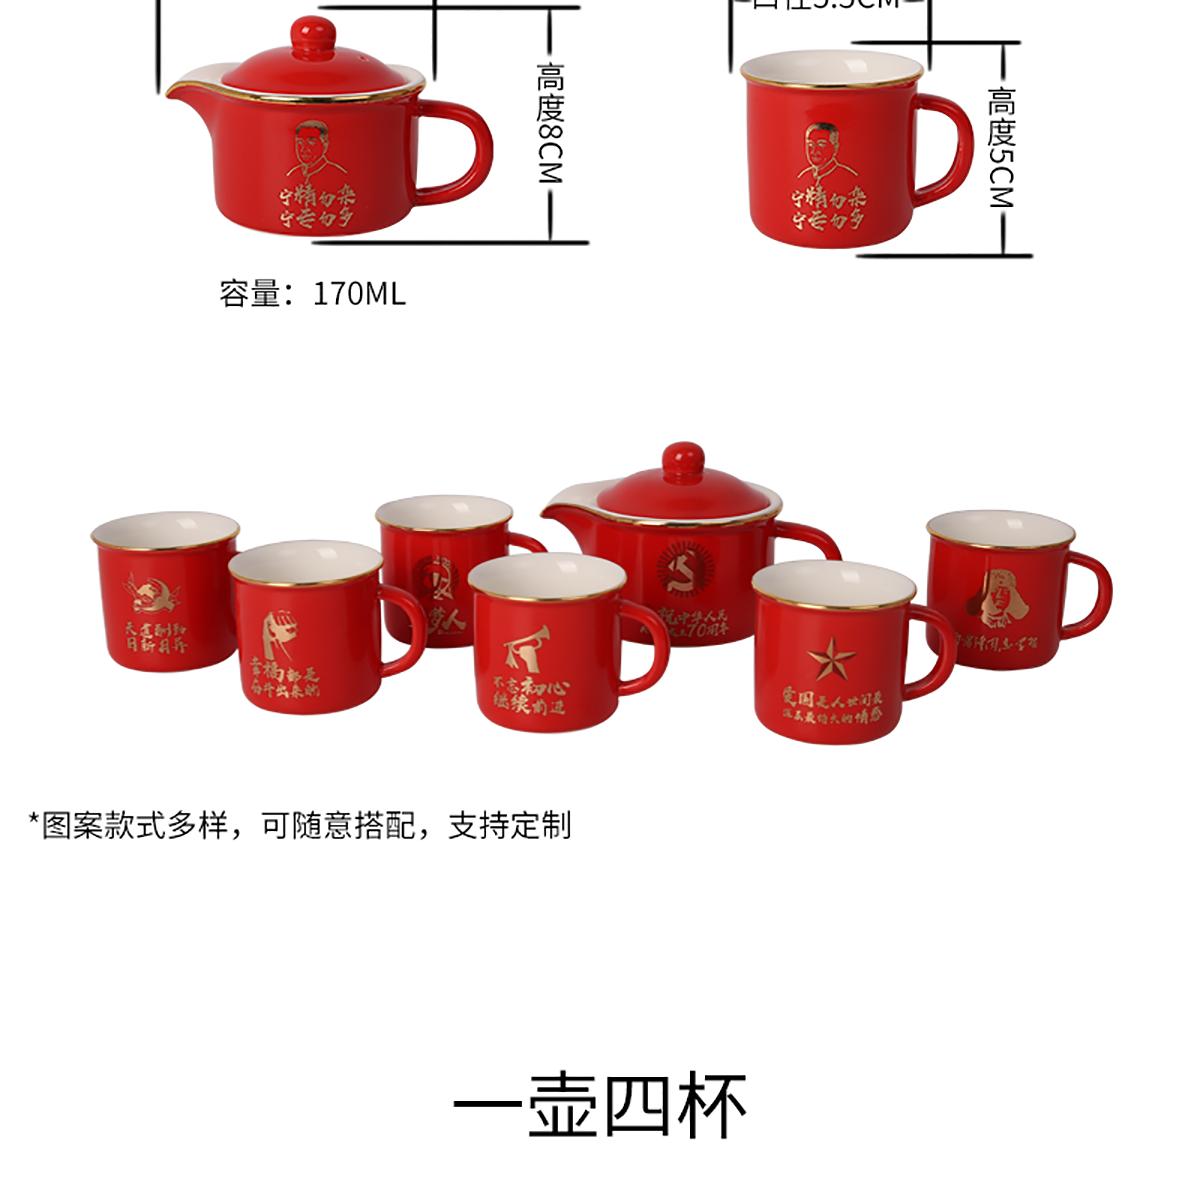 茶杯_08.png